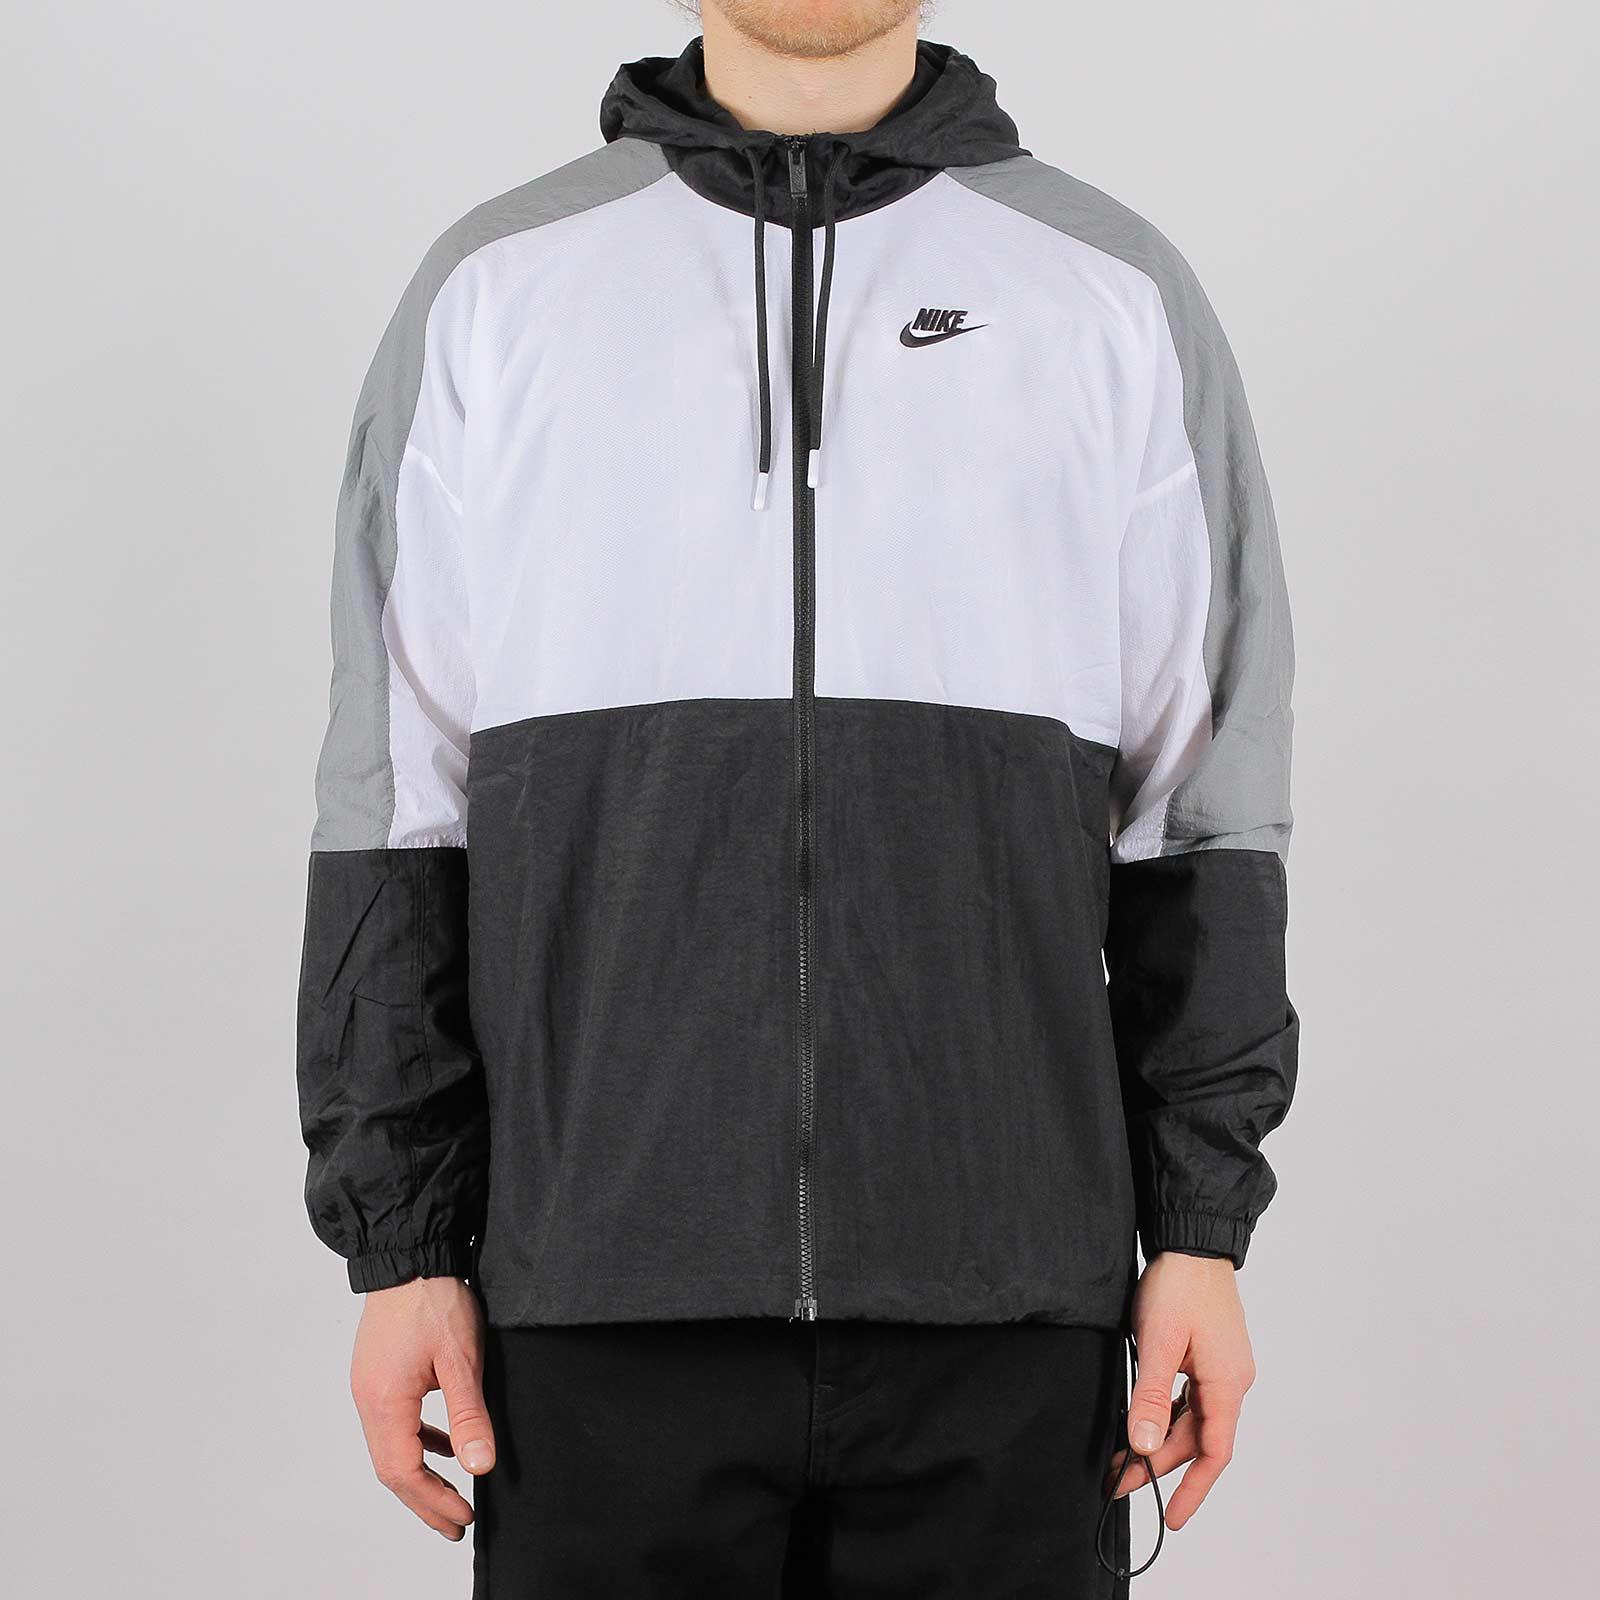 Nike Hooded Windbreaker Jacket Black (CJ4560 010)